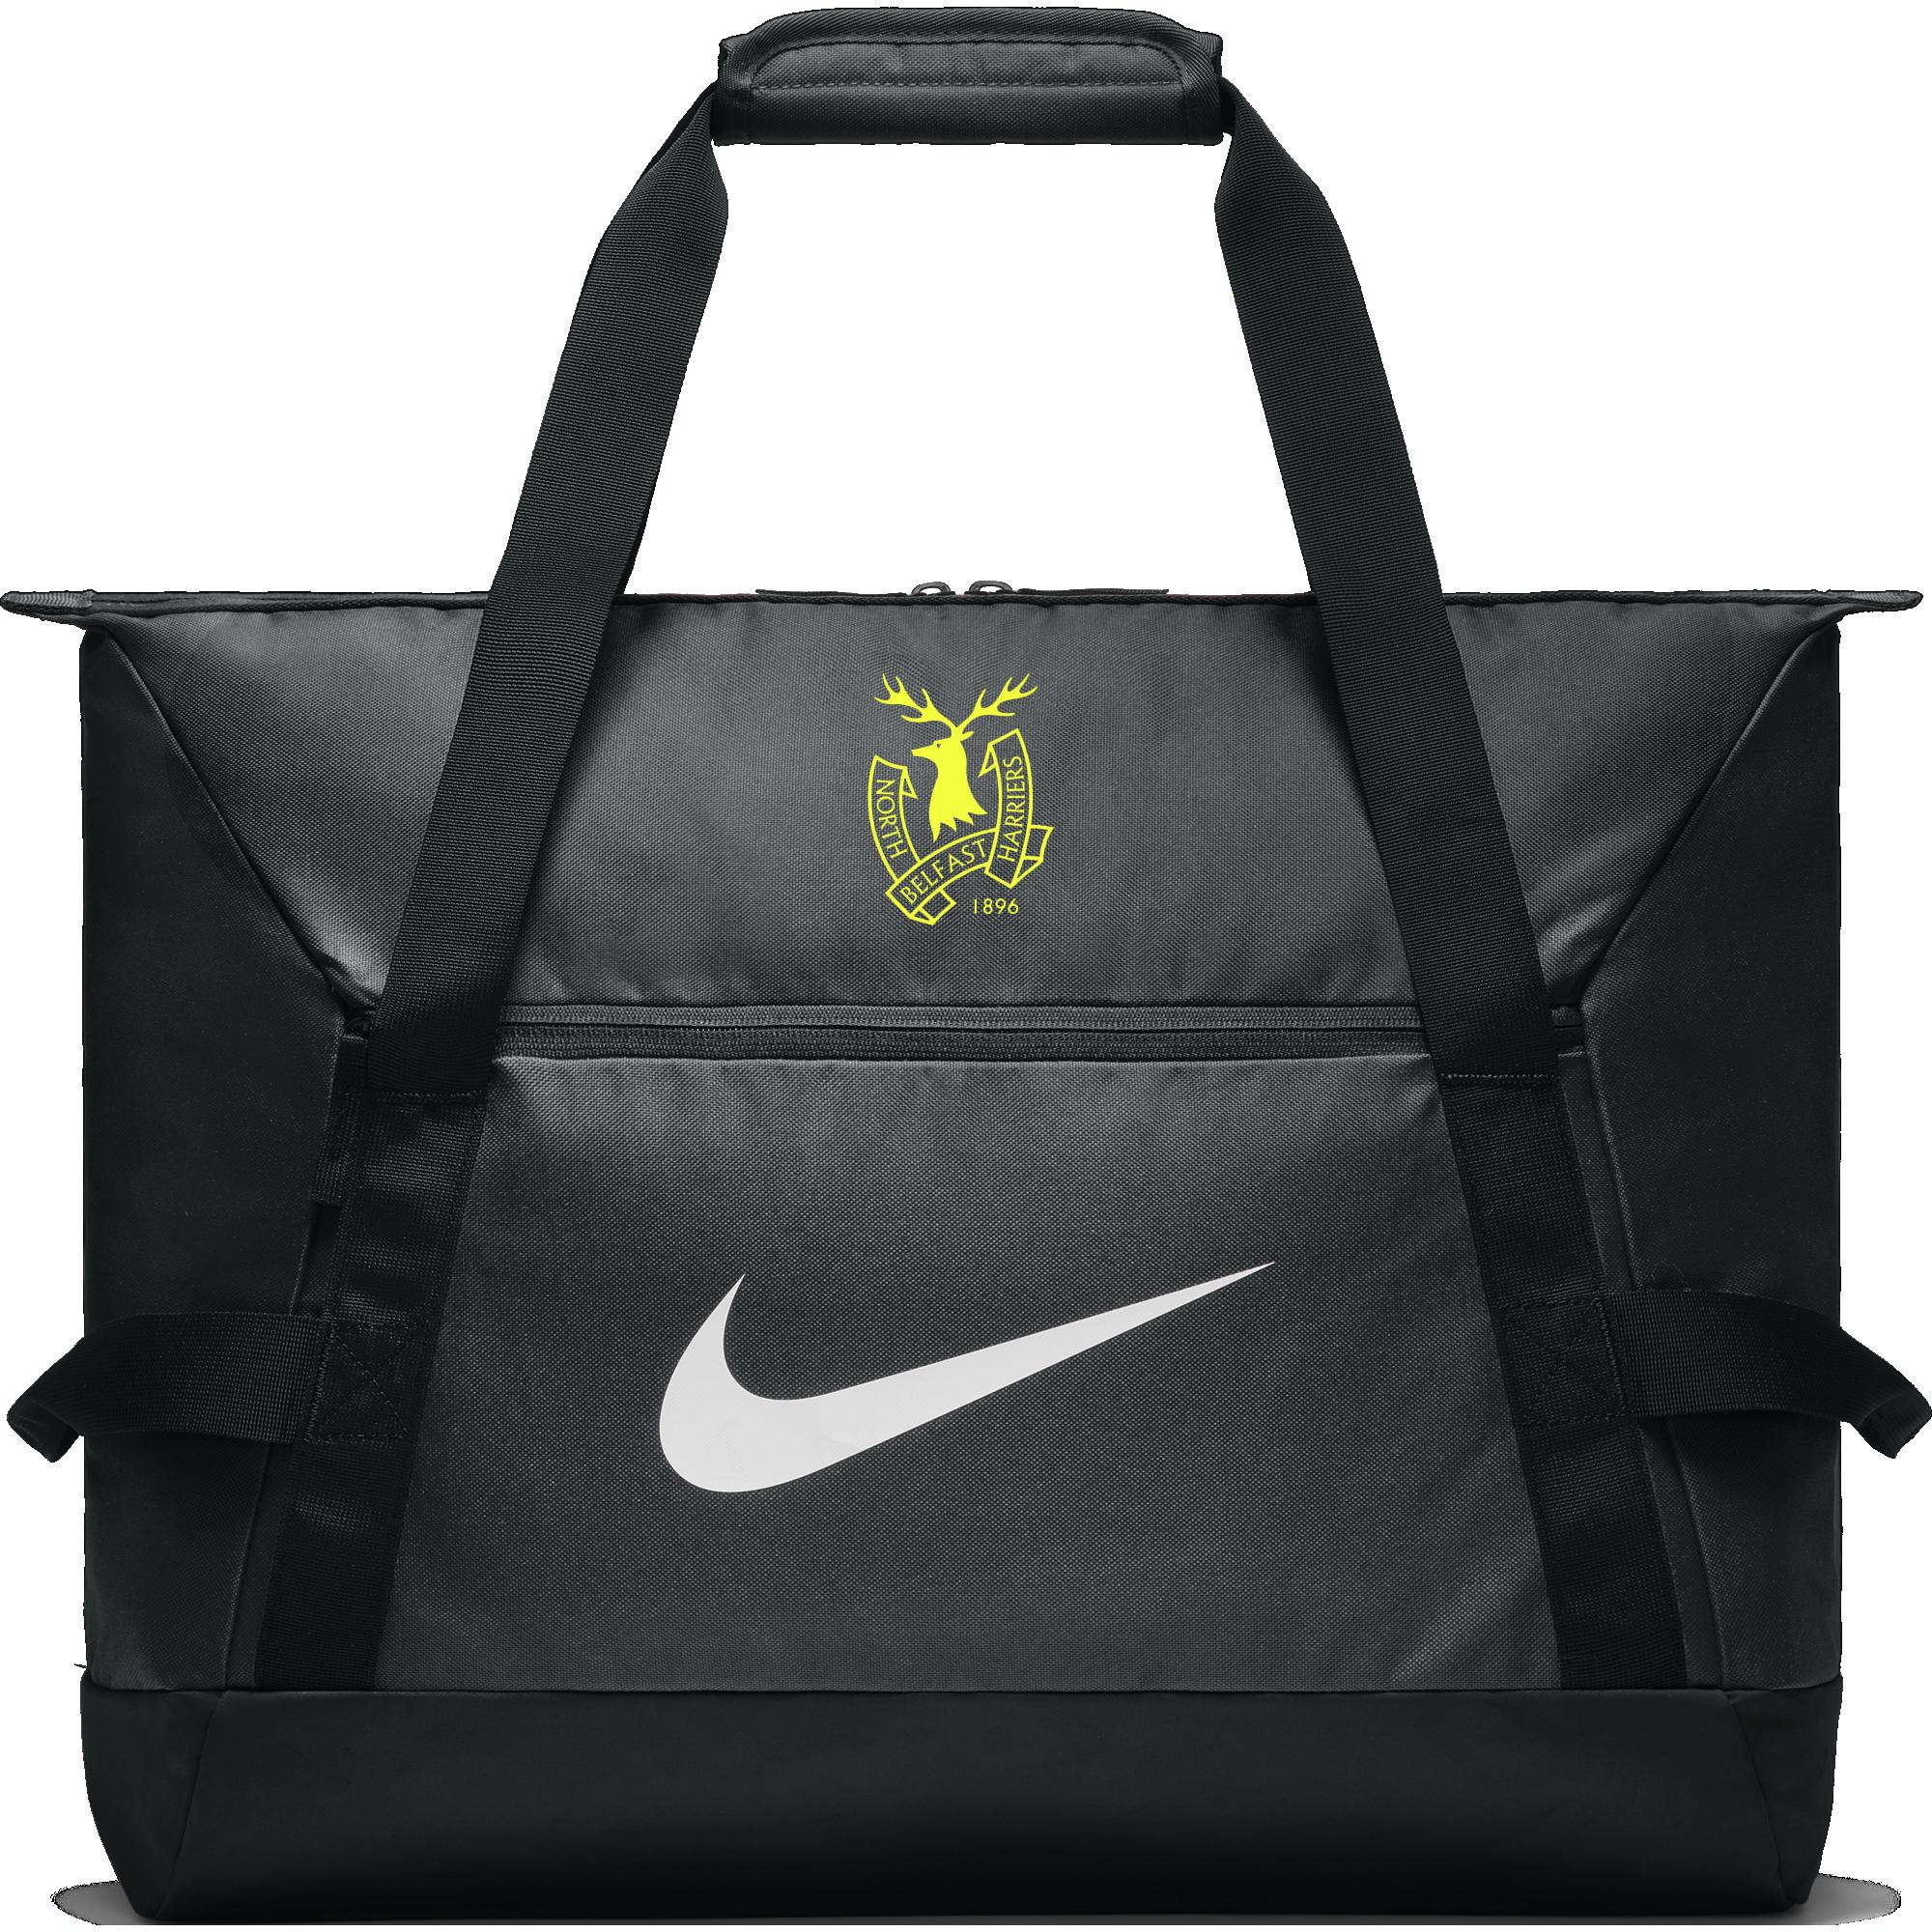 north belfast harriers black nike duffel bag  25098 p